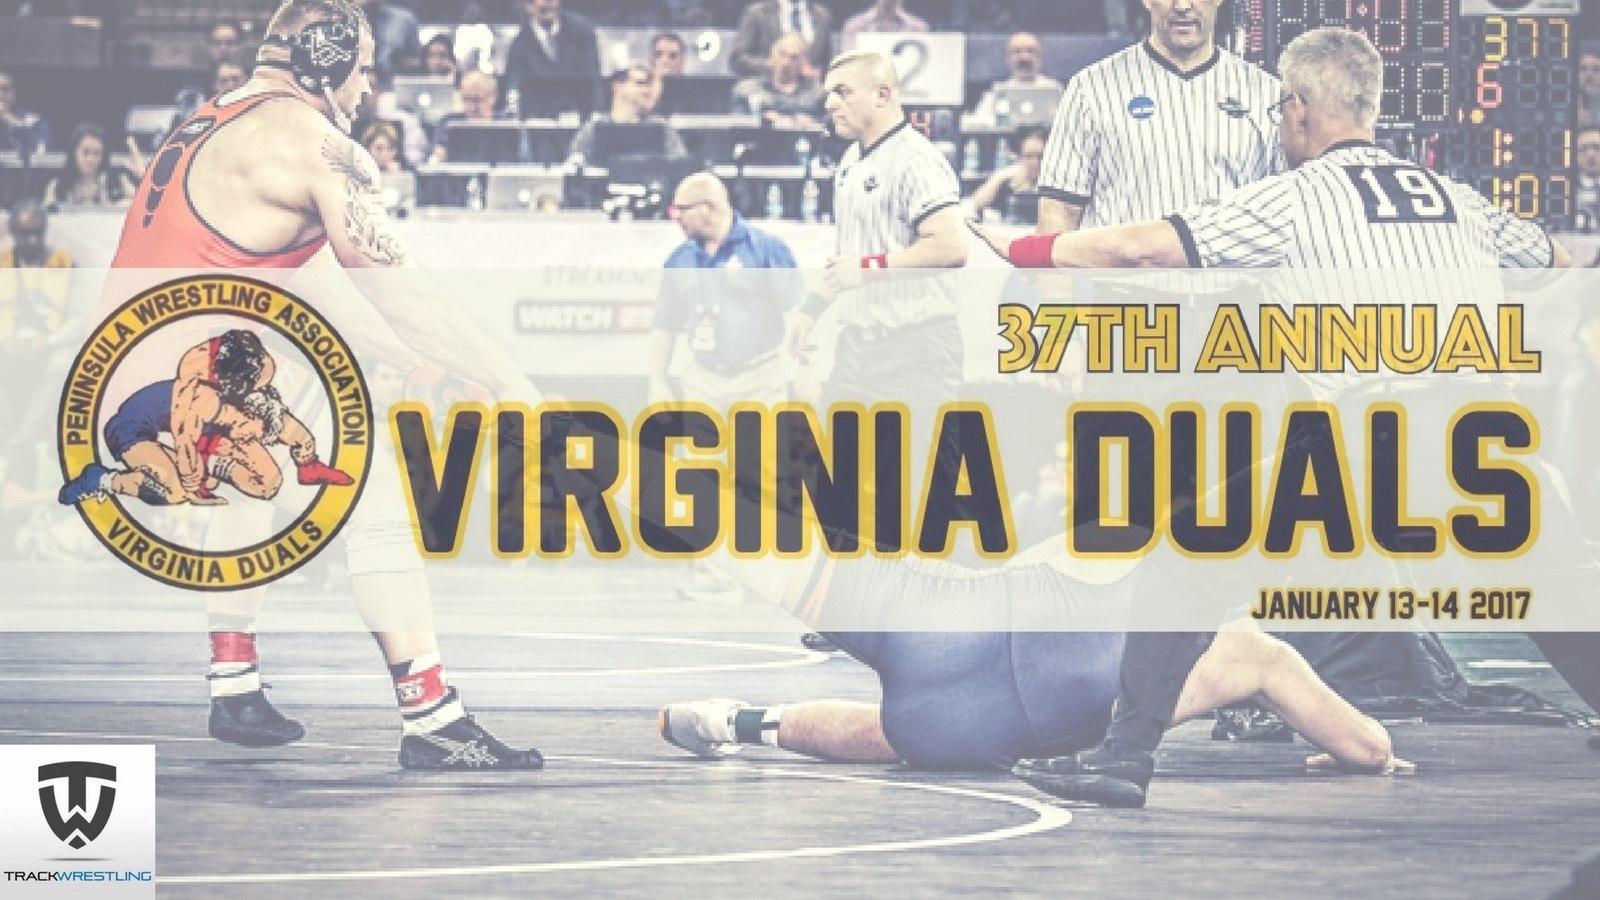 2017 Virginia Duals The Virginia Duals